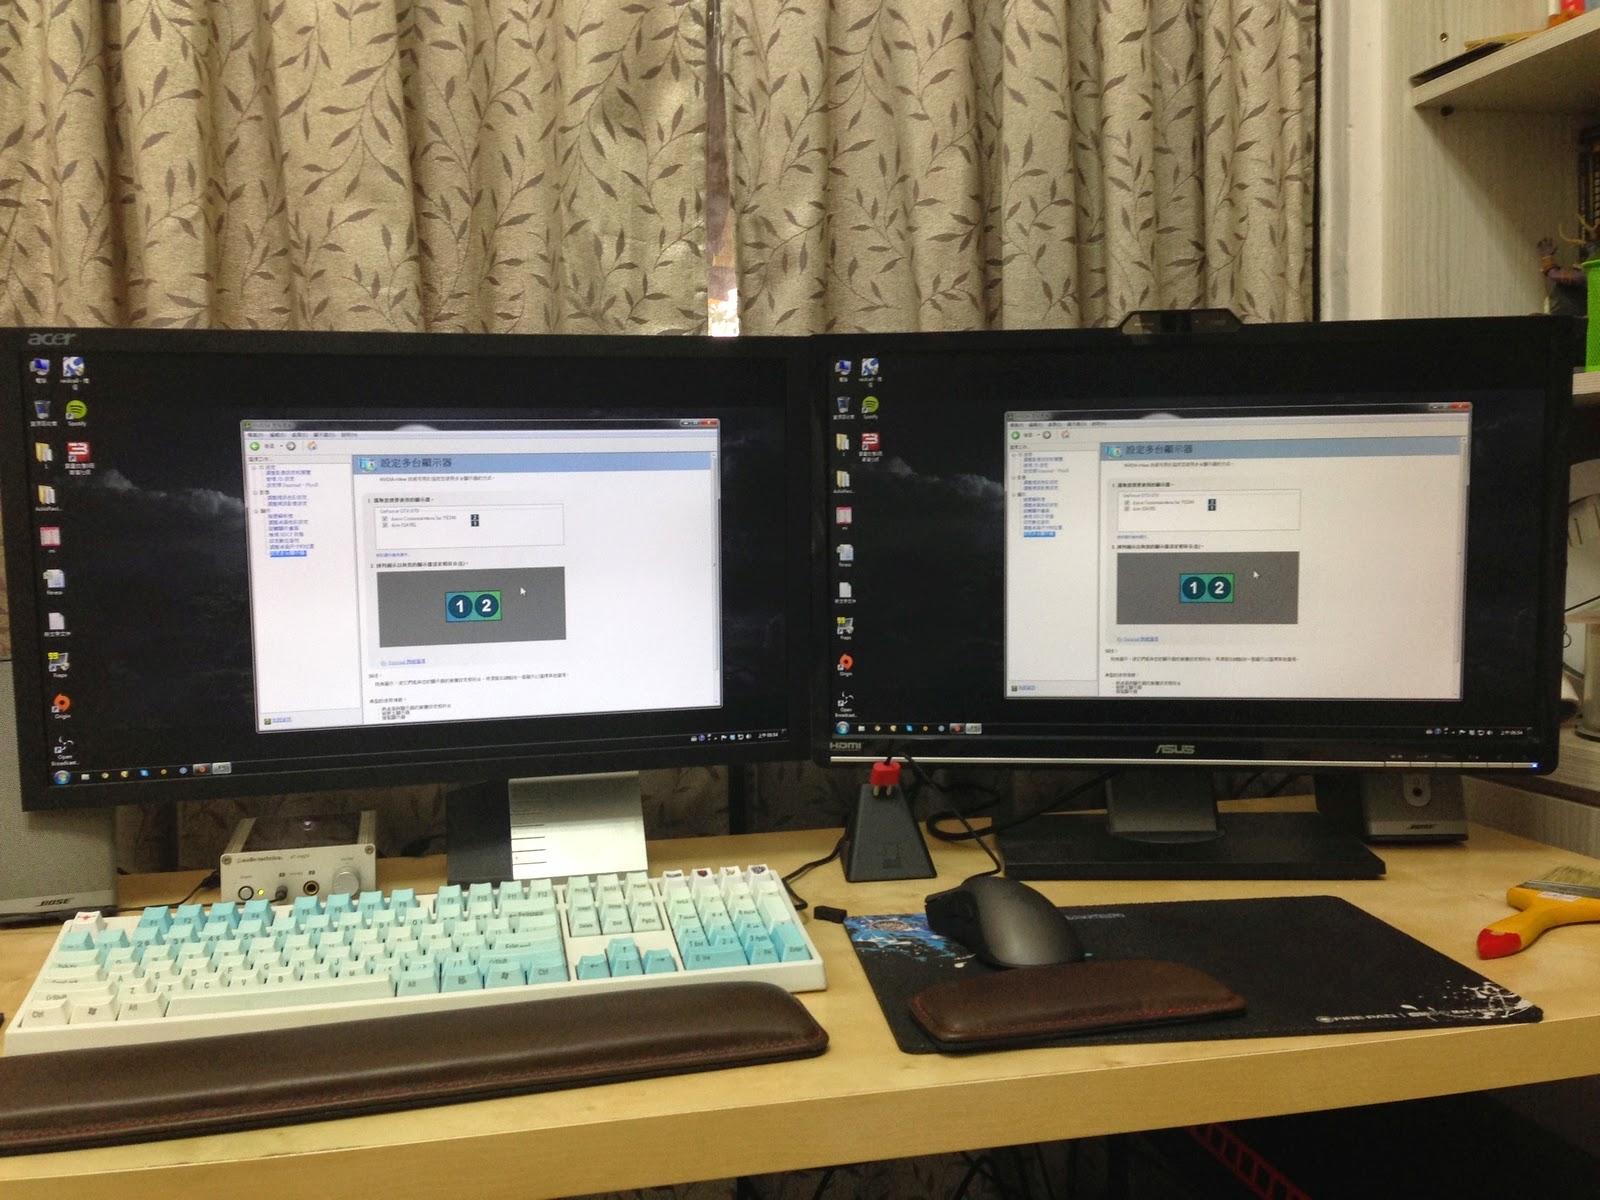 Ohmybear: 雙螢幕初體驗